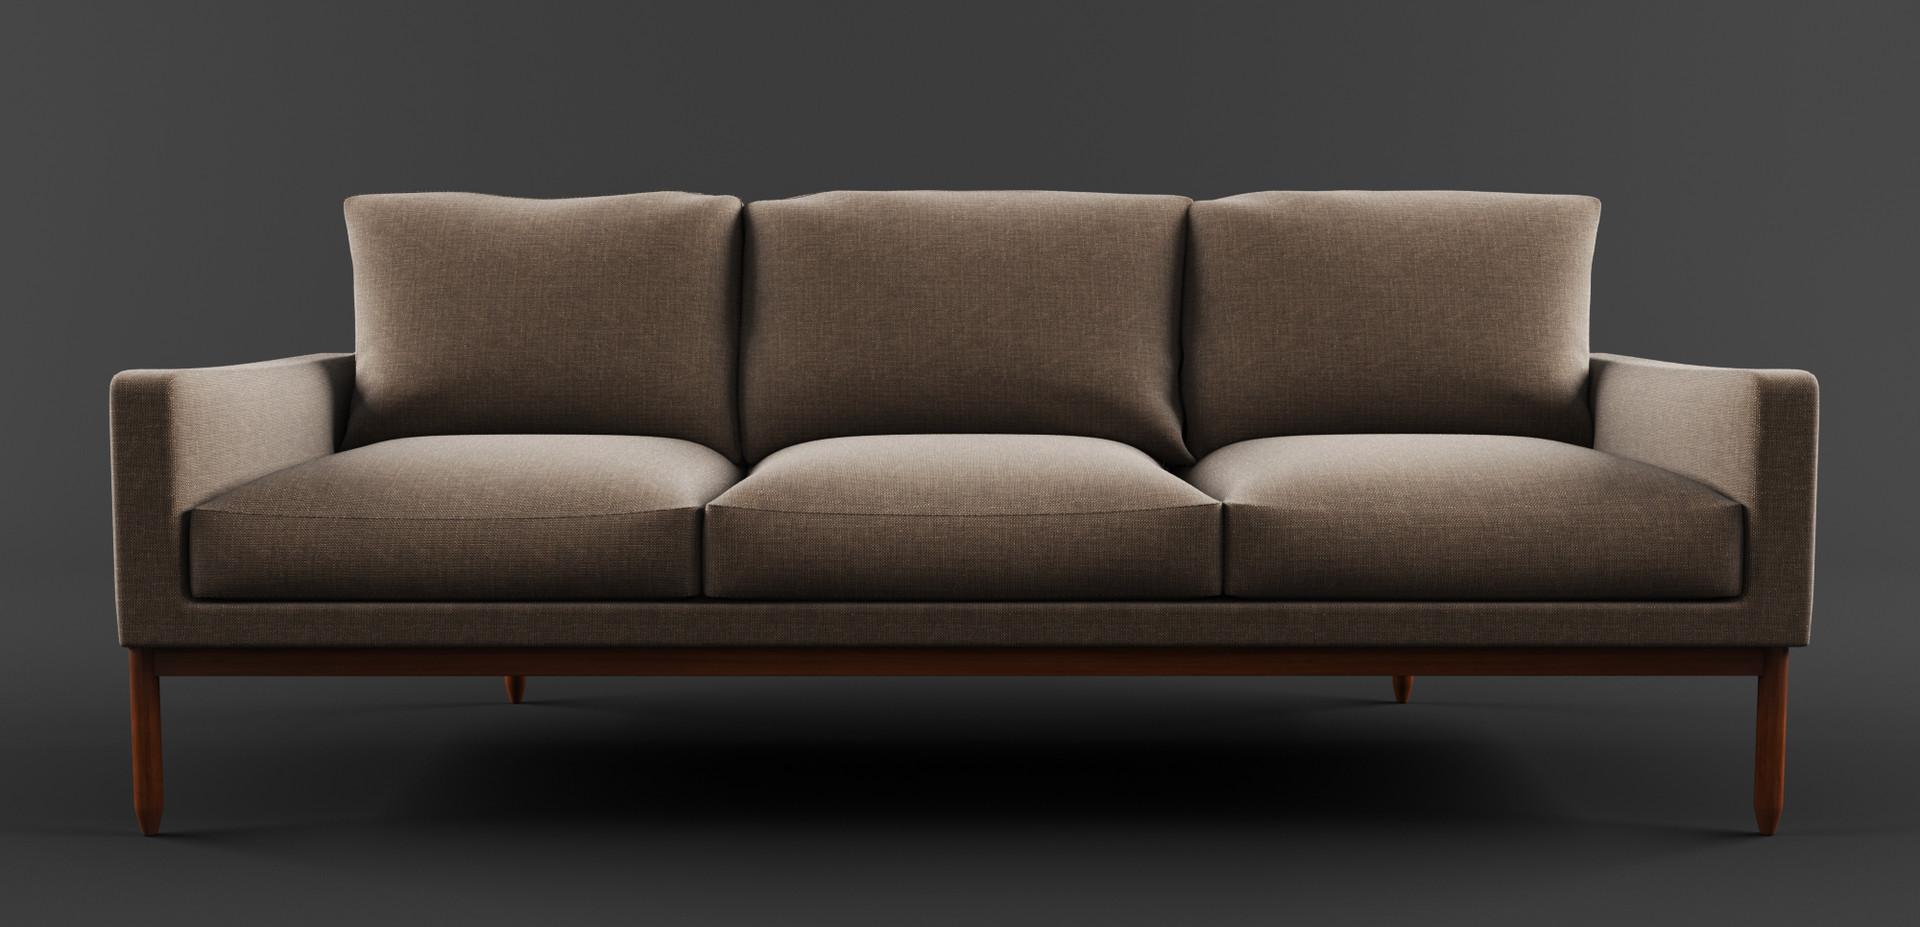 Pawel oleskow wizualizacja produktu sofa 3 wizualizacje opole